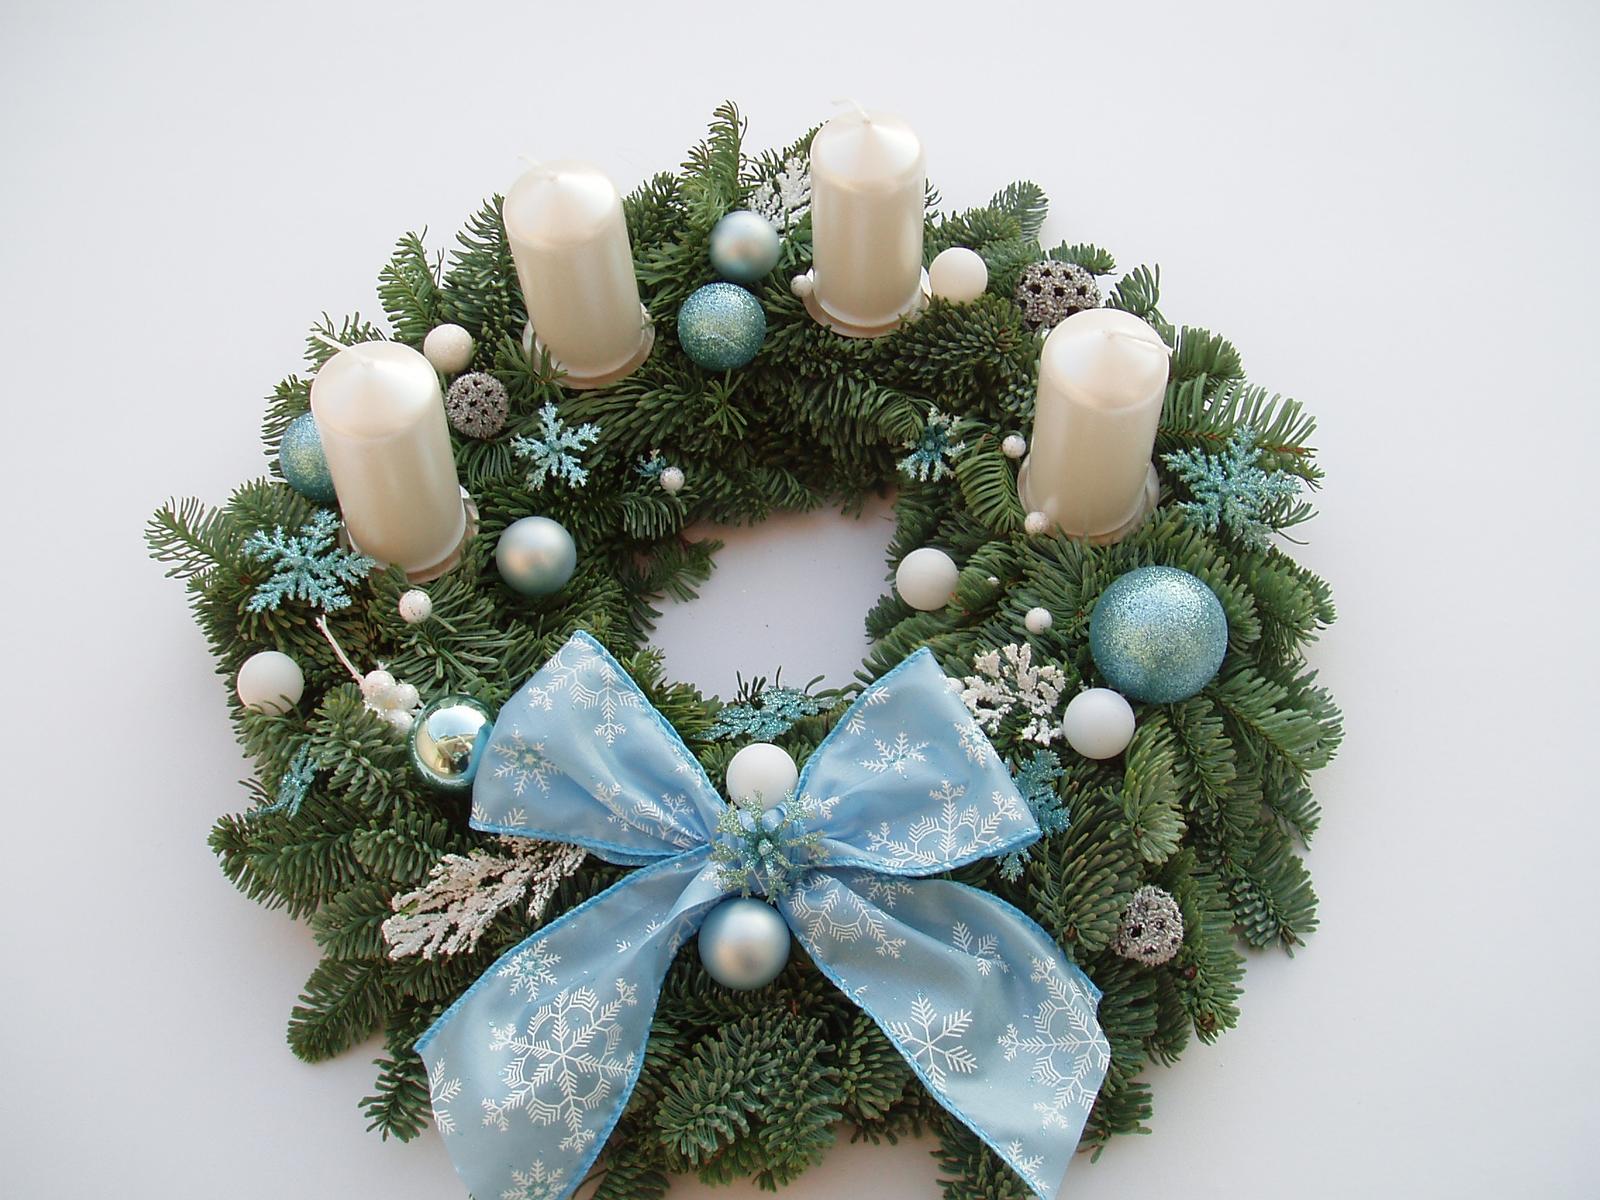 Těšíme se na Vánoce - ledově modrý